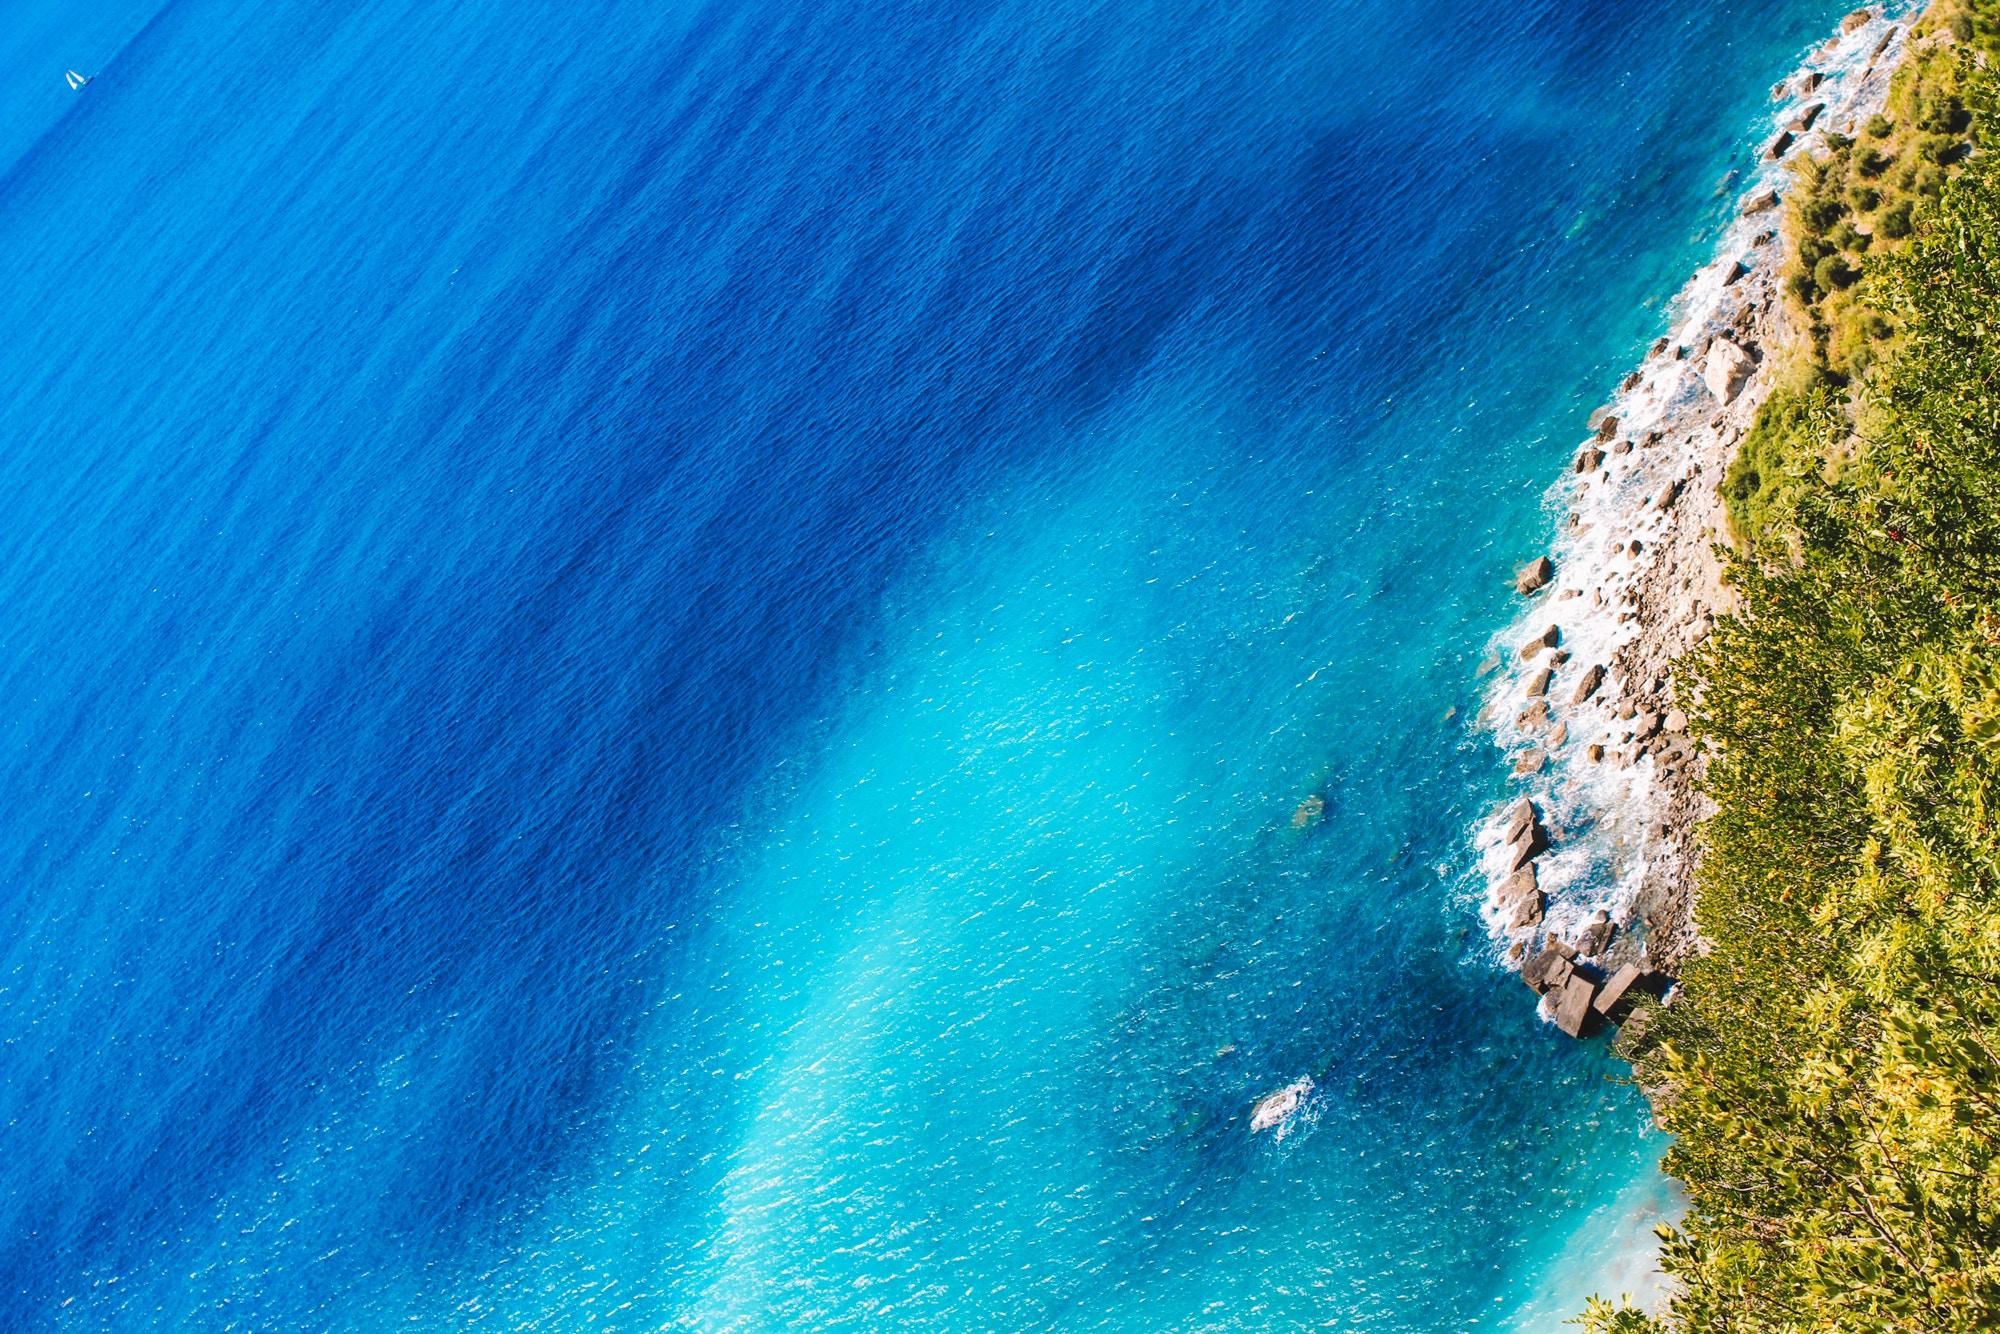 フレーザー島へはツアーが人気!世界最大の砂の島!キャンプもできる!